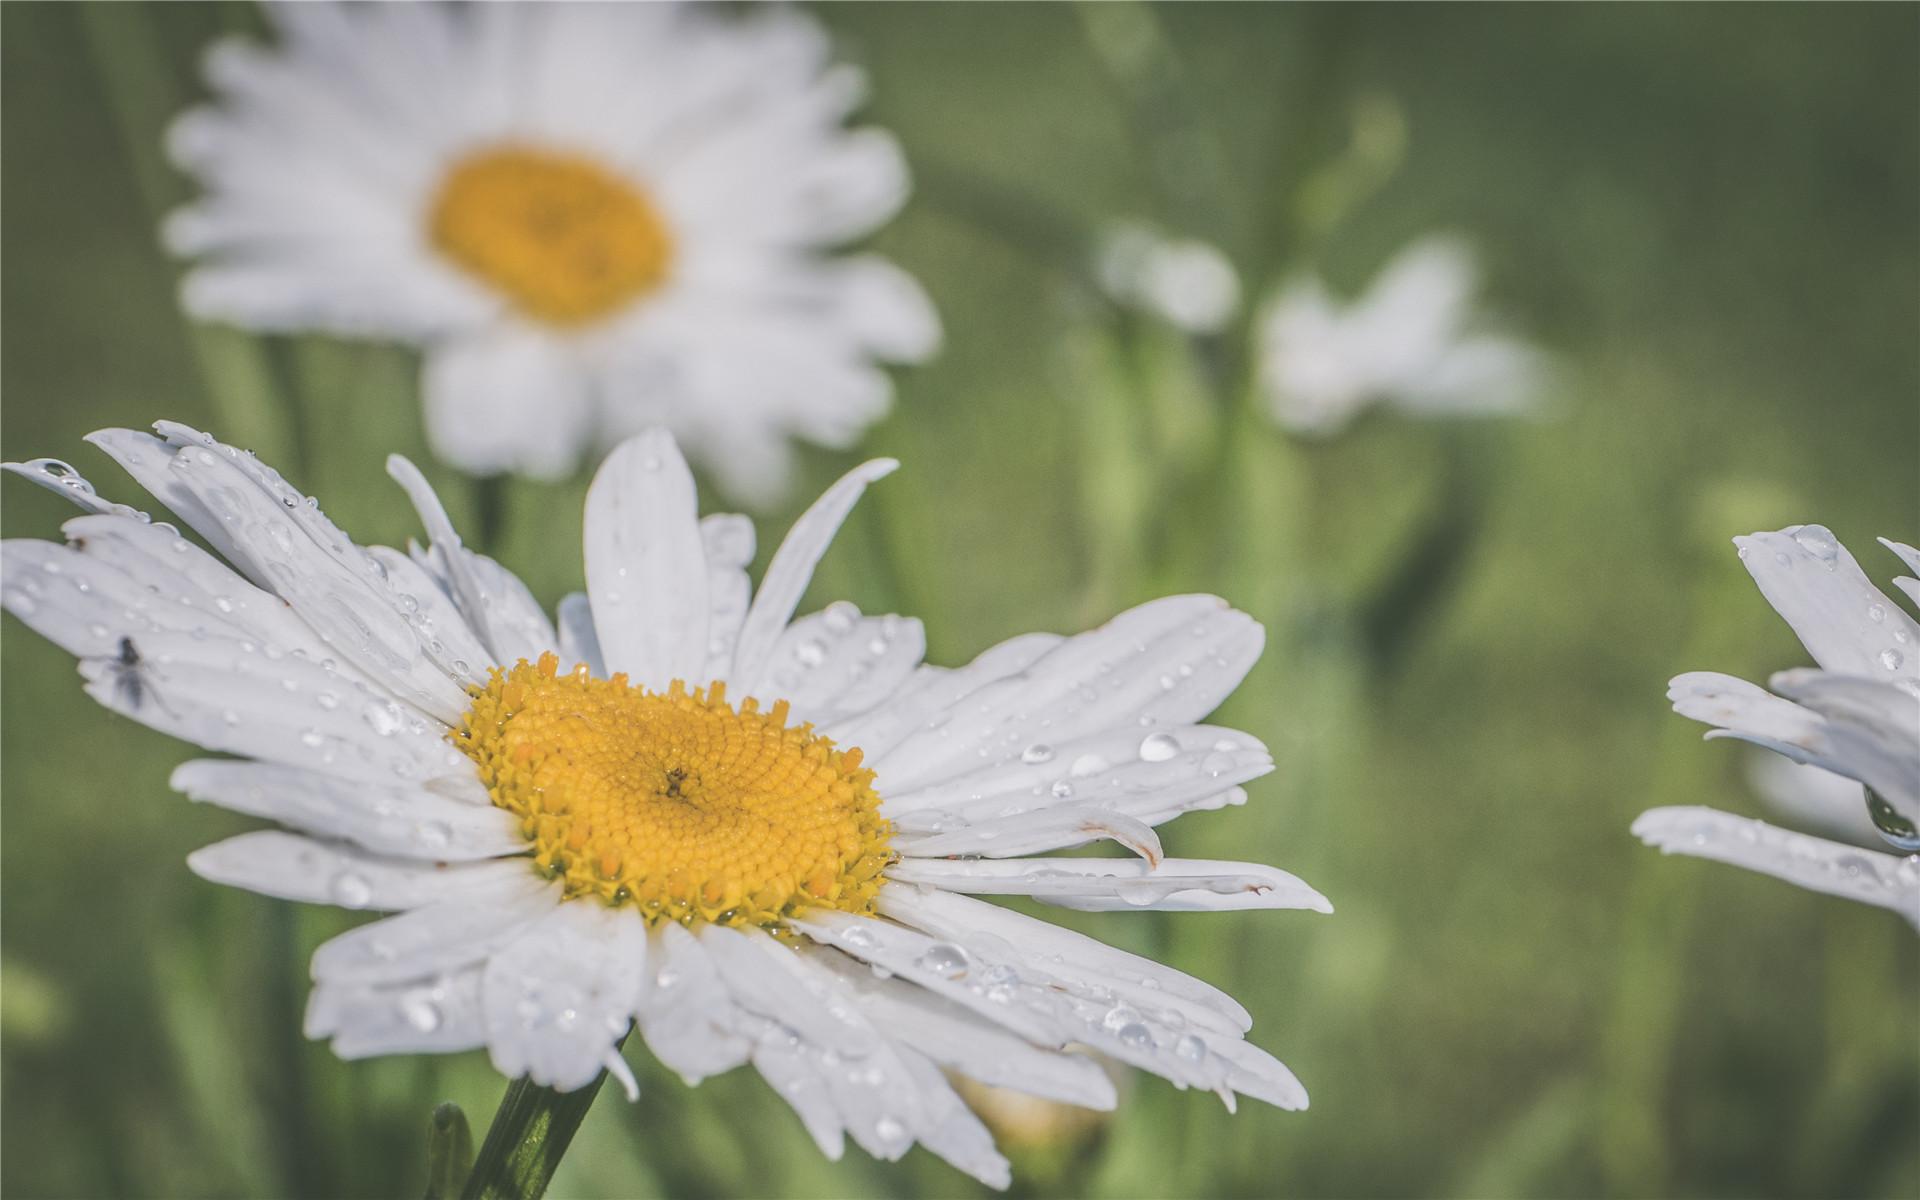 意大利国花雏菊图片高清宽屏桌面壁纸